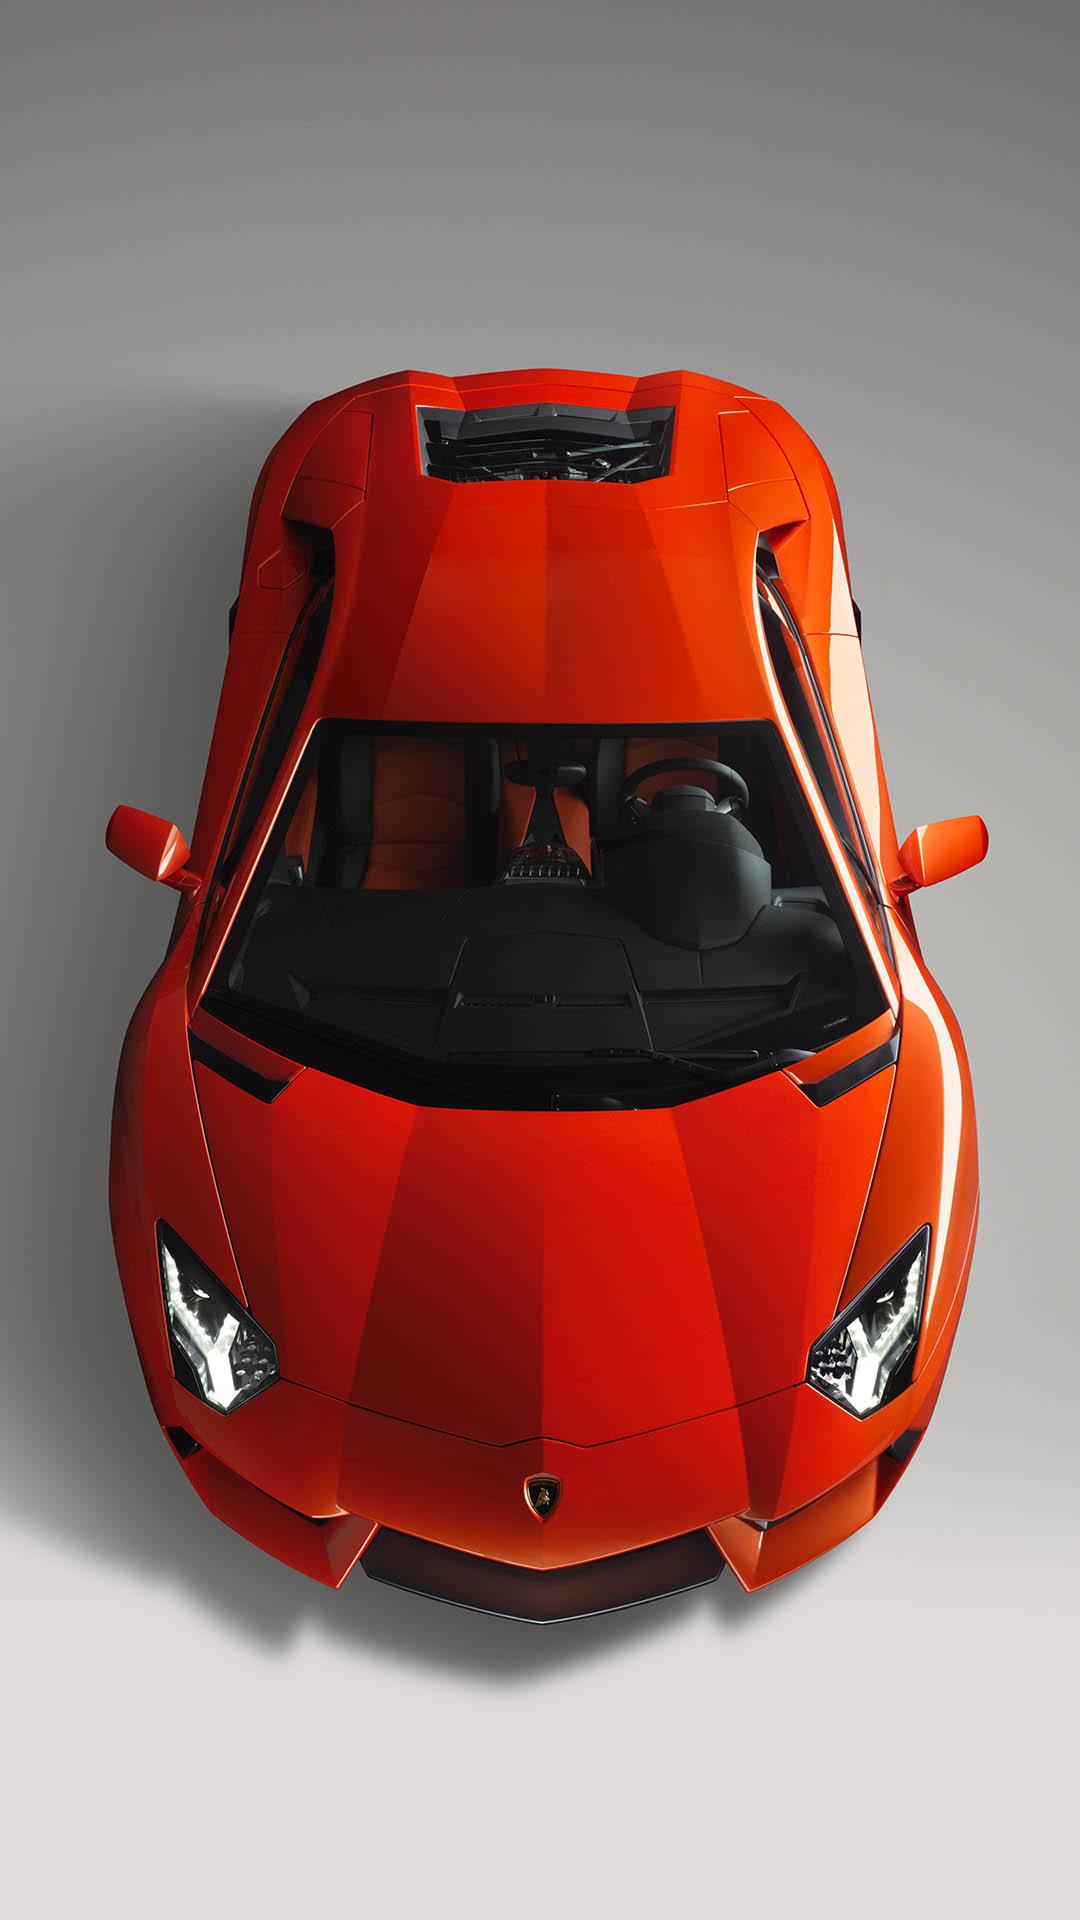 Red Lamborghini Aventador htc one wallpaper